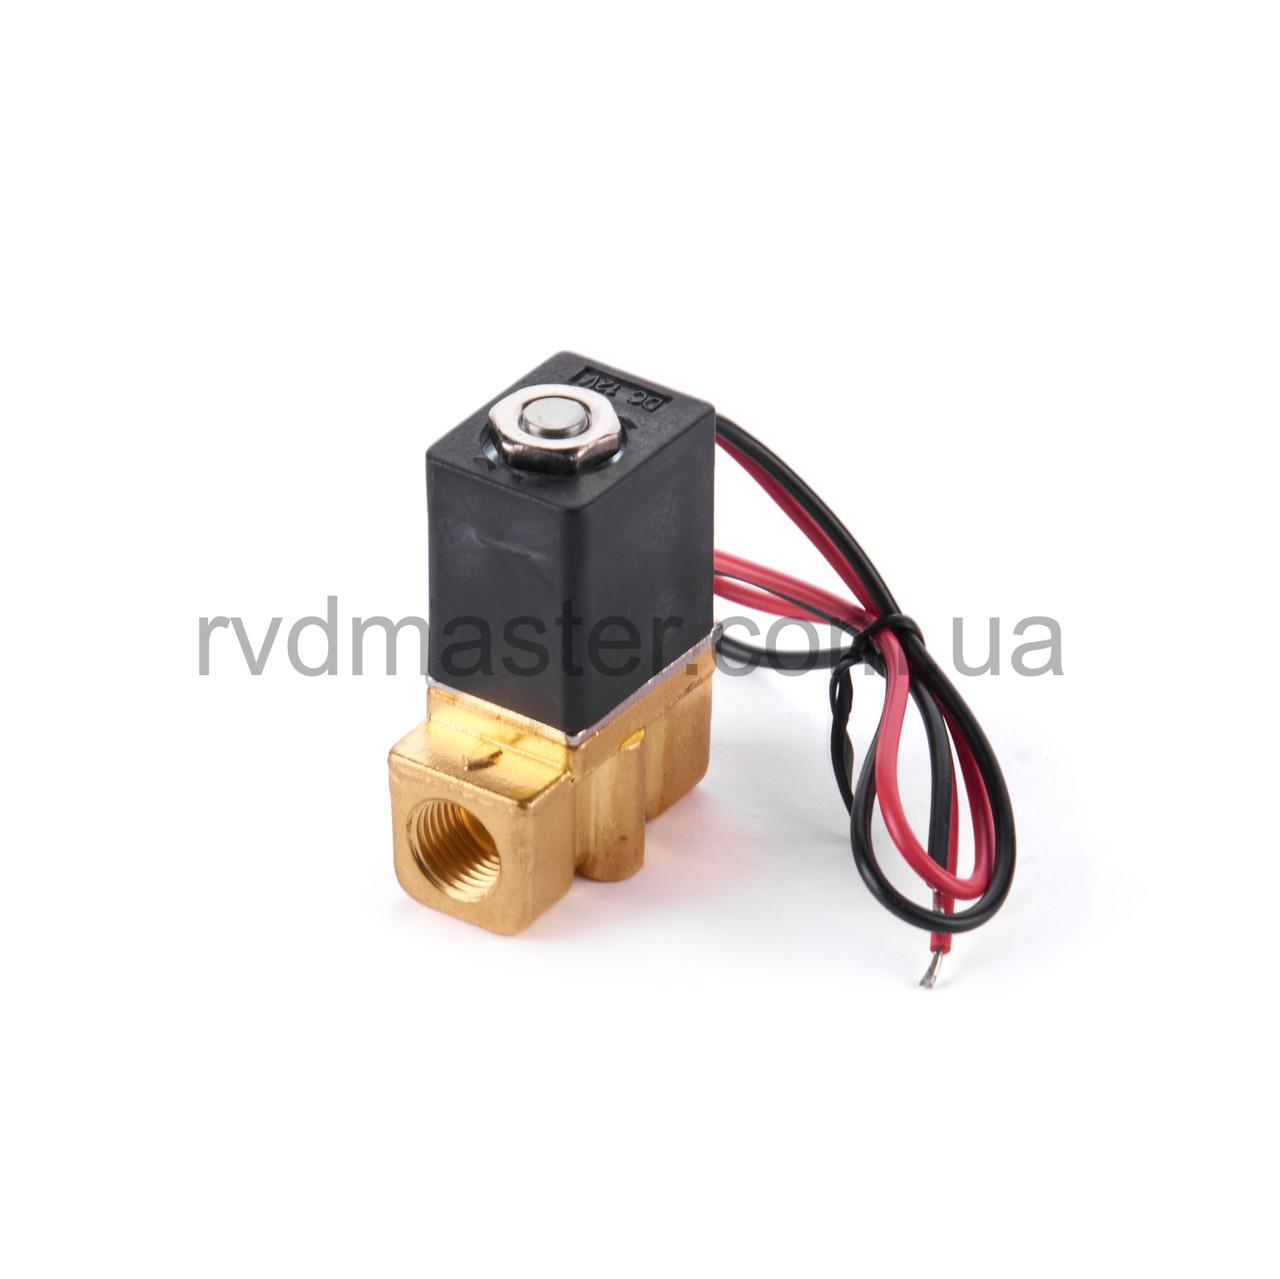 Клапан с электроприводом 2P-08-24V